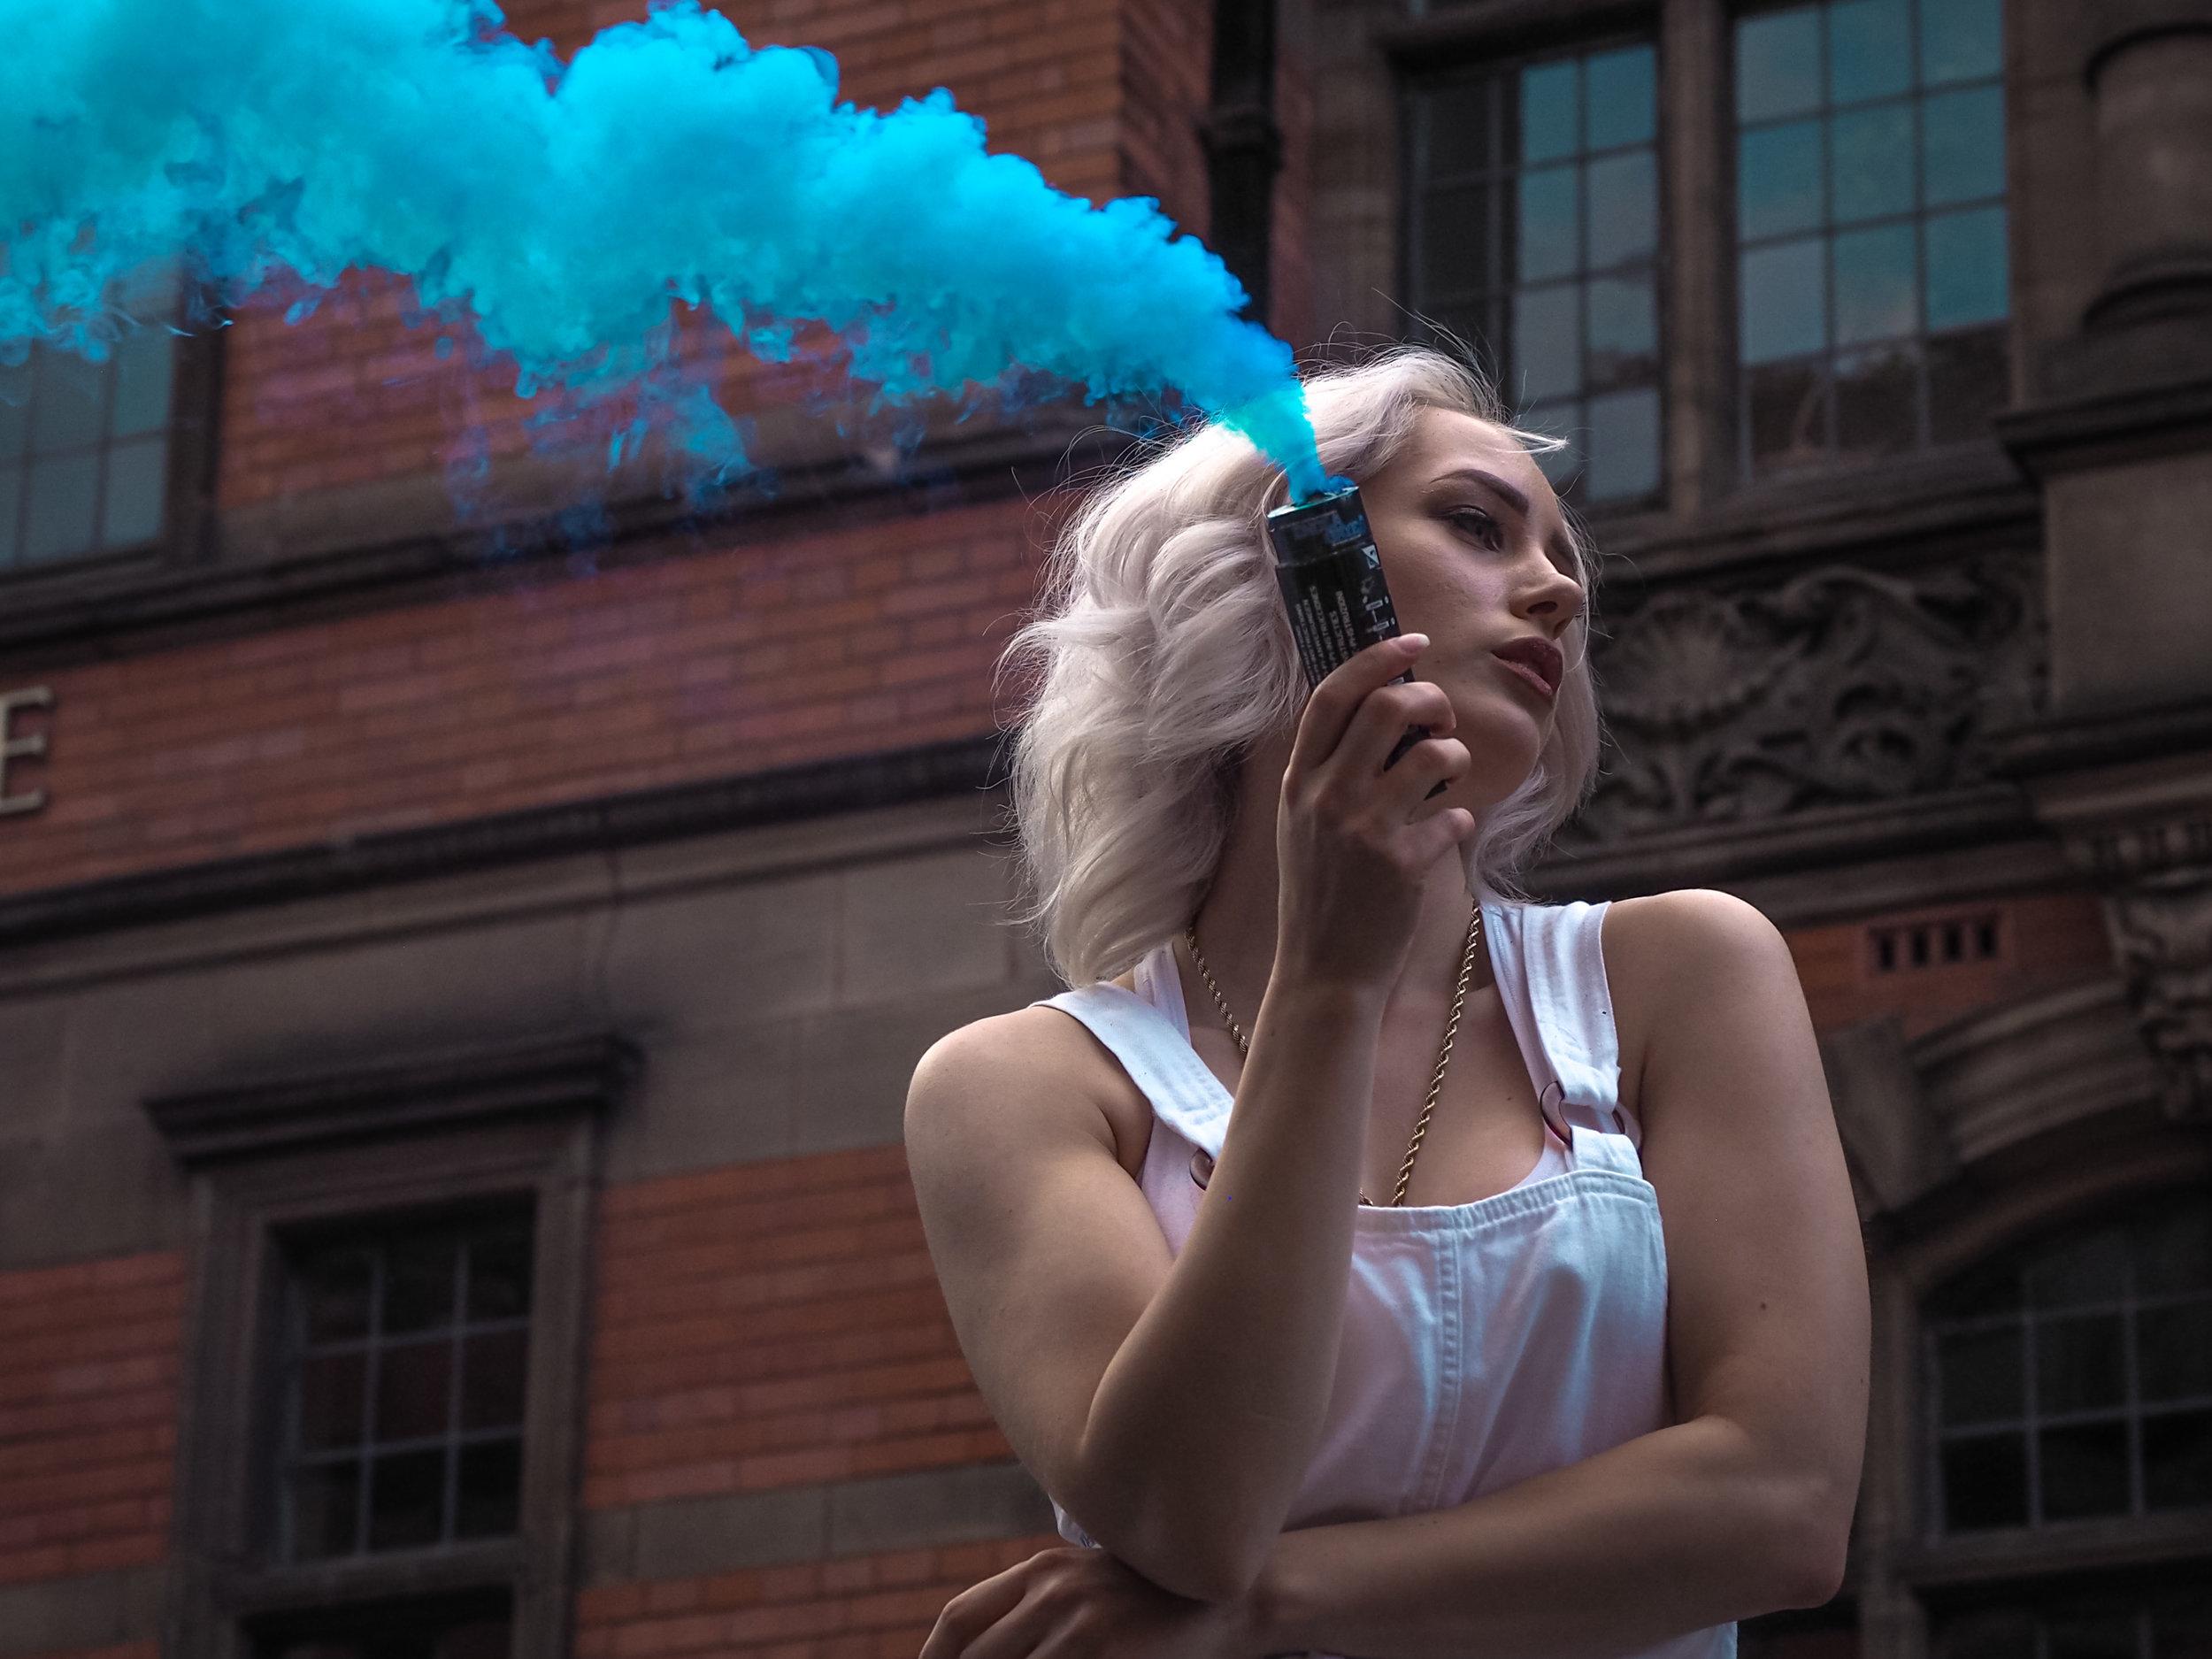 Blue smoke posing